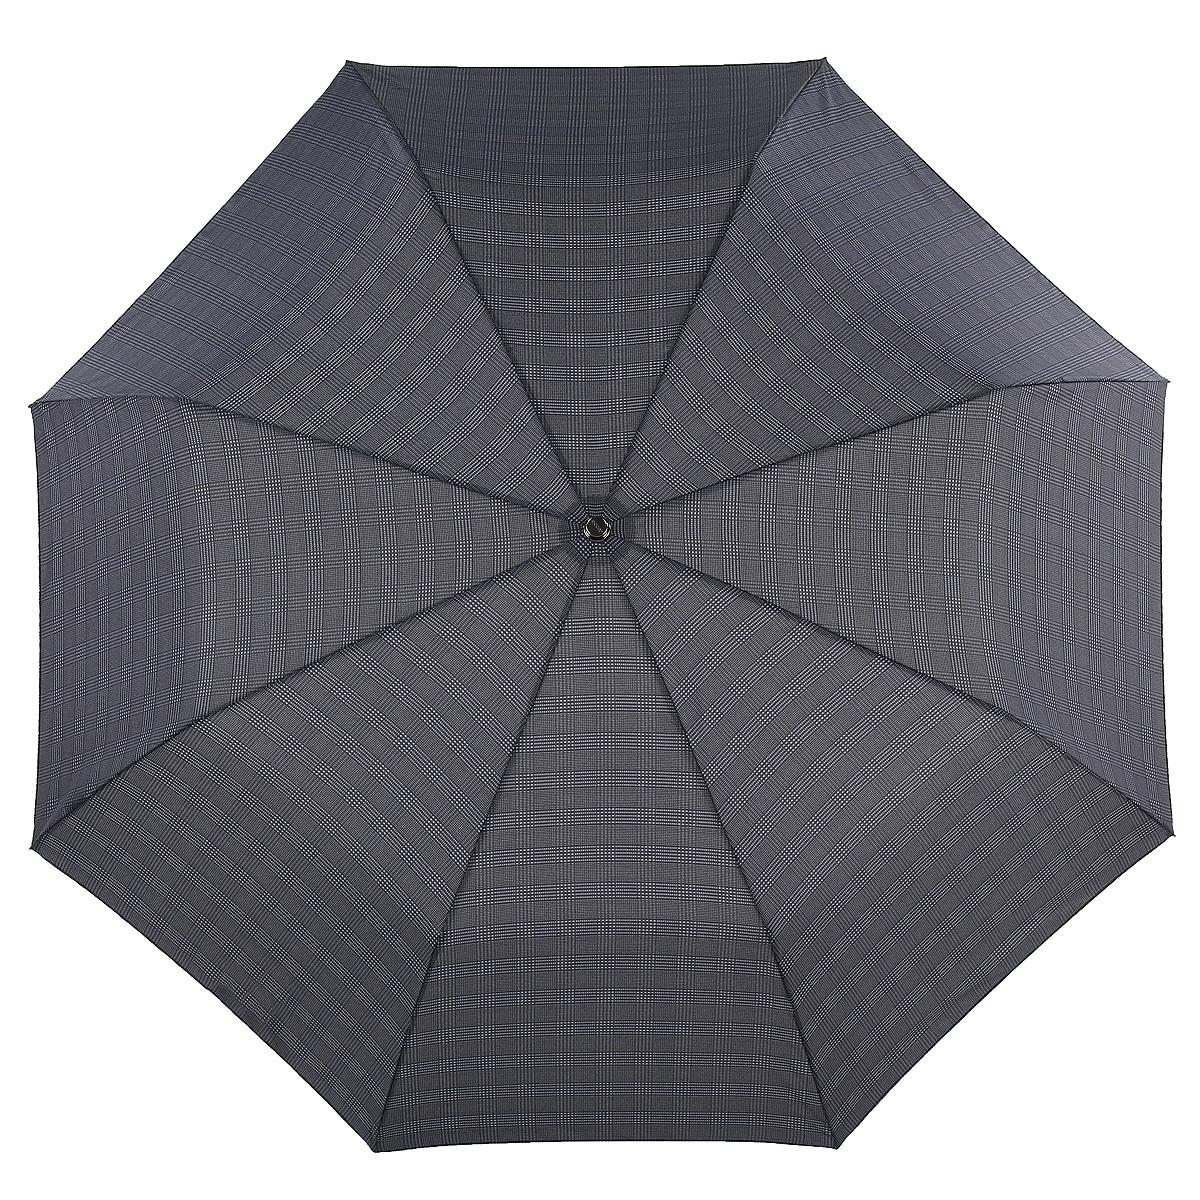 Зонт мужской Doppler, автомат, 3 сложения. 74367 black kletka74367 black kletkaСтильный автоматический зонт Doppler в 3 сложения даже в ненастную погоду позволит вам оставаться элегантным. Каркас зонта состоит из восьми карбоновых спиц и шестигранного стержня из никелированной стали. Удобная рукоятка выполнена из прорезиненного пластика. Купол зонта изготовлен из полиэстера с водоотталкивающей пропиткой и оформлен принтом в серую клетку. Зонт снабжен системой антиветер, которая не позволяет куполу выгибаться во время сильного ветра. Прочные высококачественные материалы, устойчивые к ржавчине и коррозии, обеспечивают надежность и долгий срок службы. Зонт имеет автоматический механизм сложения: купол открывается и закрывается нажатием кнопки на рукоятке, стержень складывается вручную до характерного щелчка. Открыть и закрыть зонт можно одной рукой, что чрезвычайно удобно при входе в транспорт или помещение. К зонту прилагается чехол.